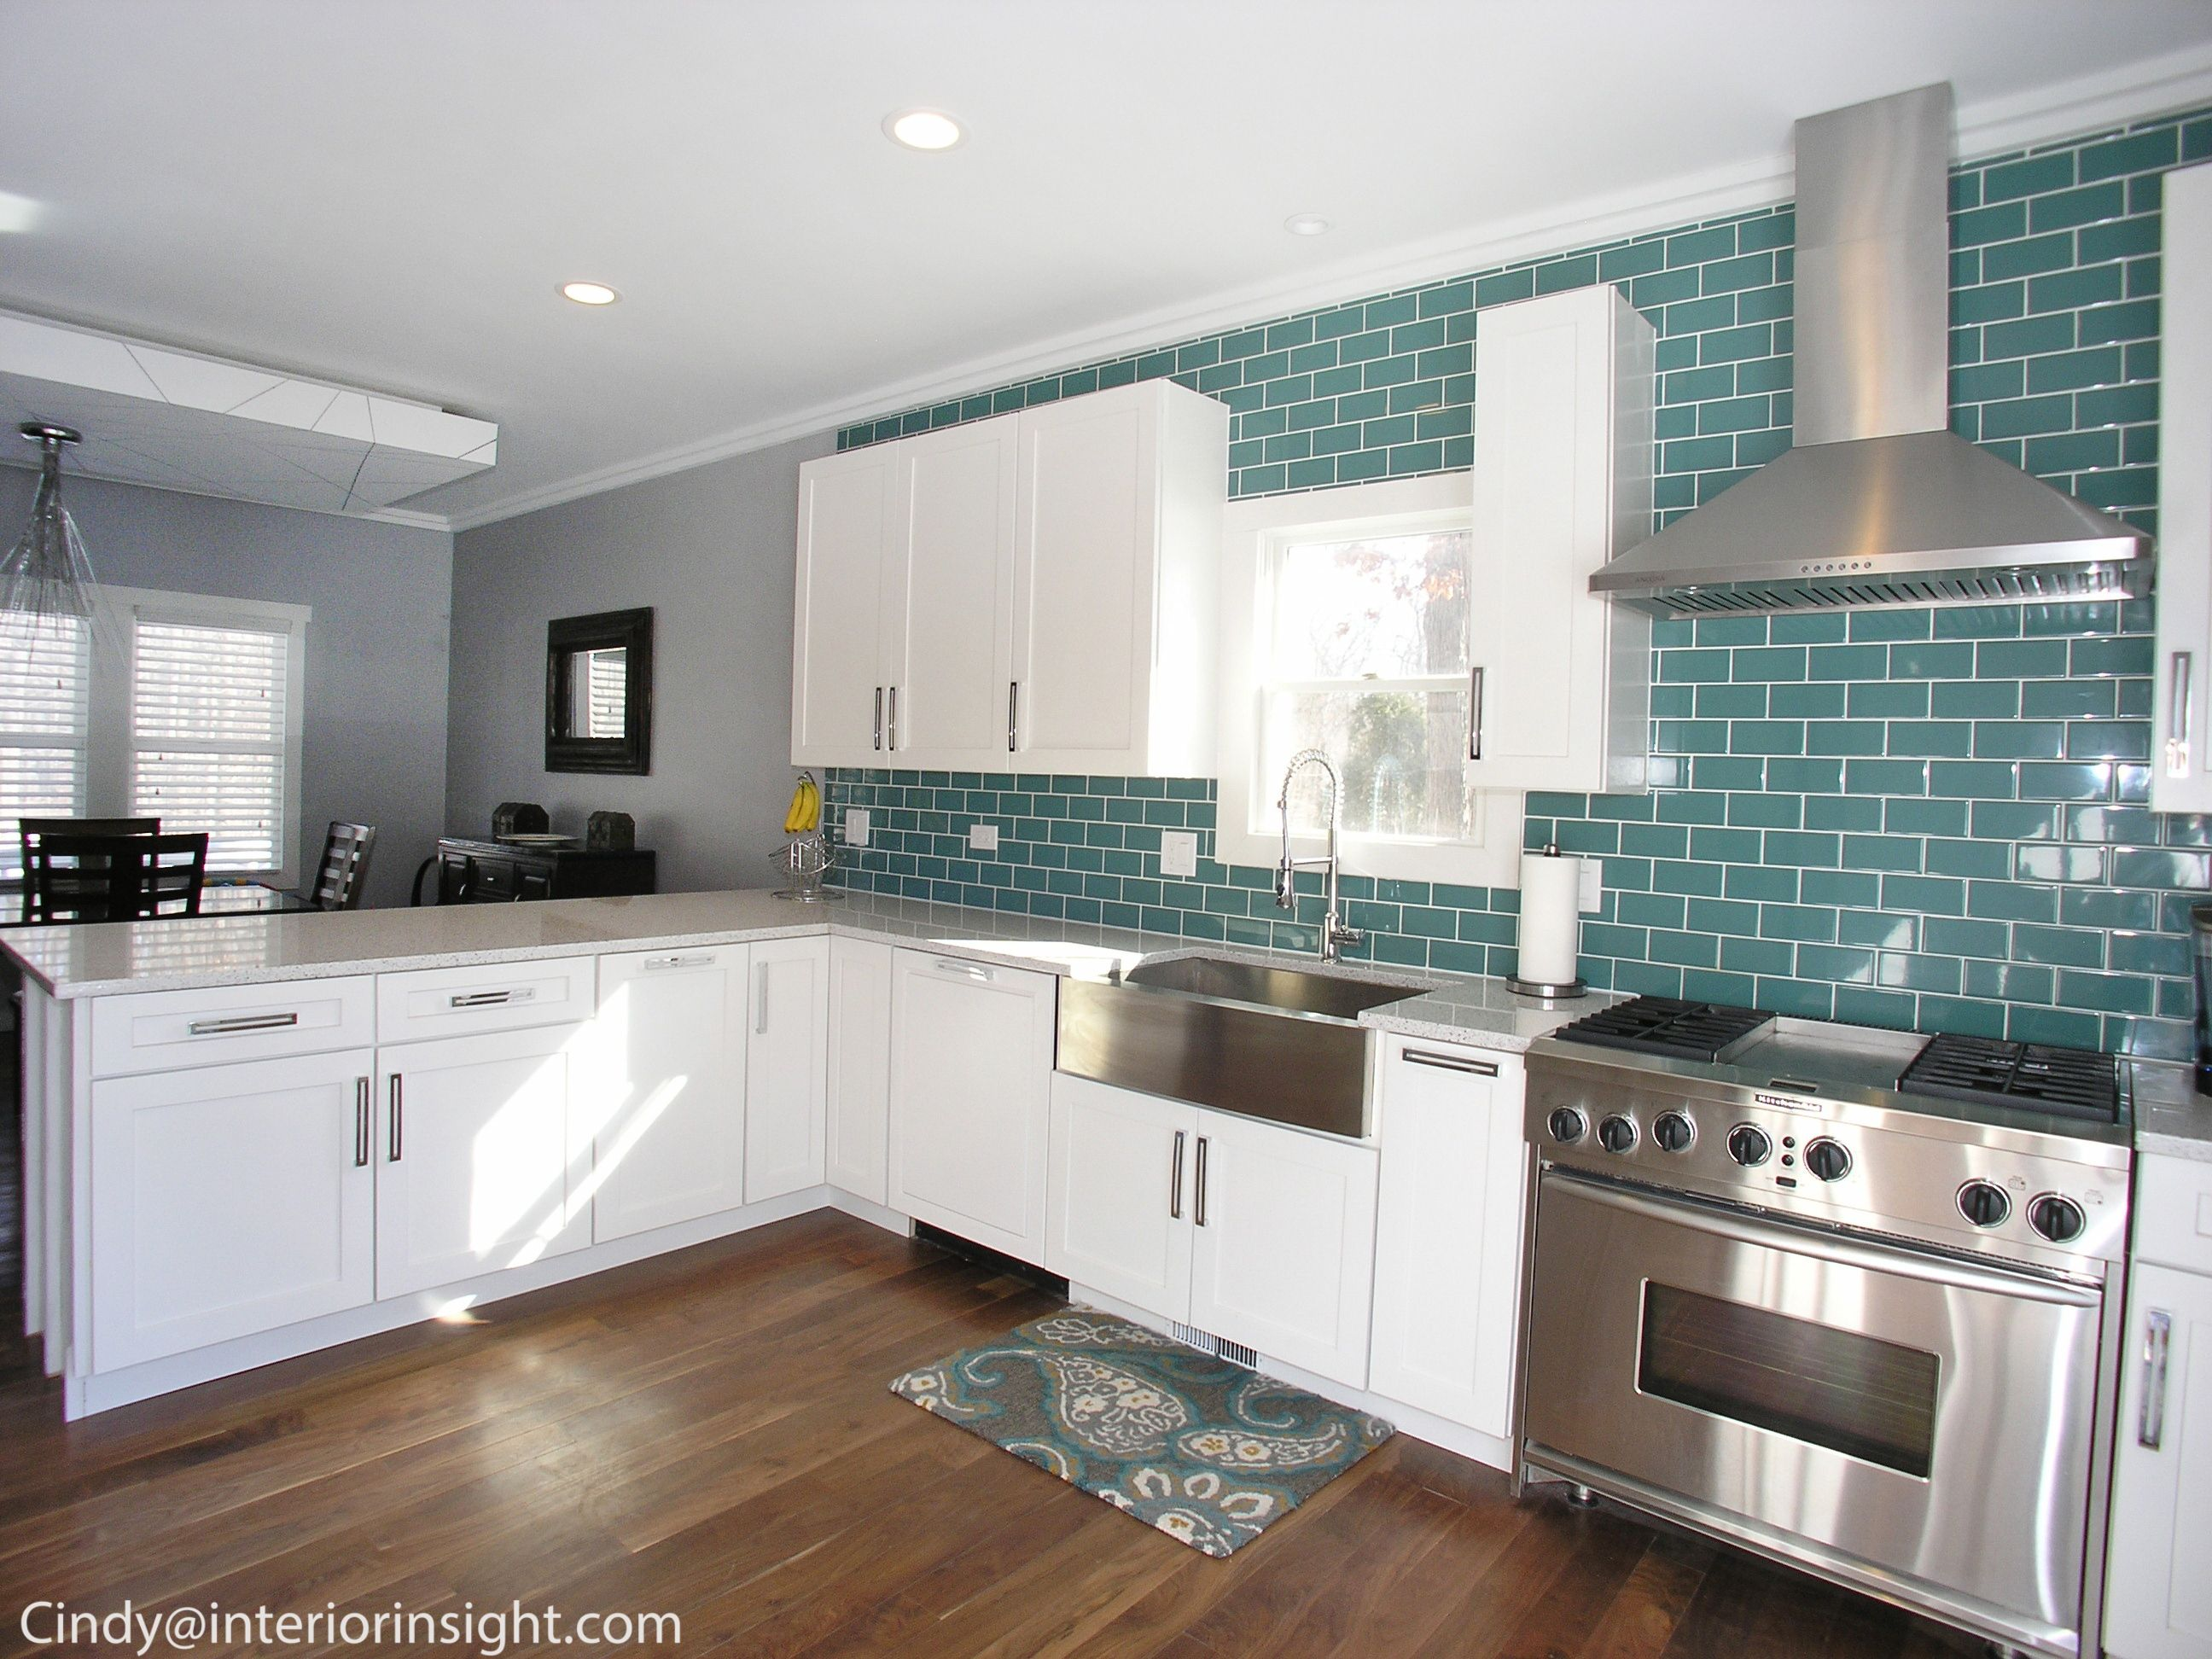 teal kitchen appliances island white glass backsplash in this modern open floorplan